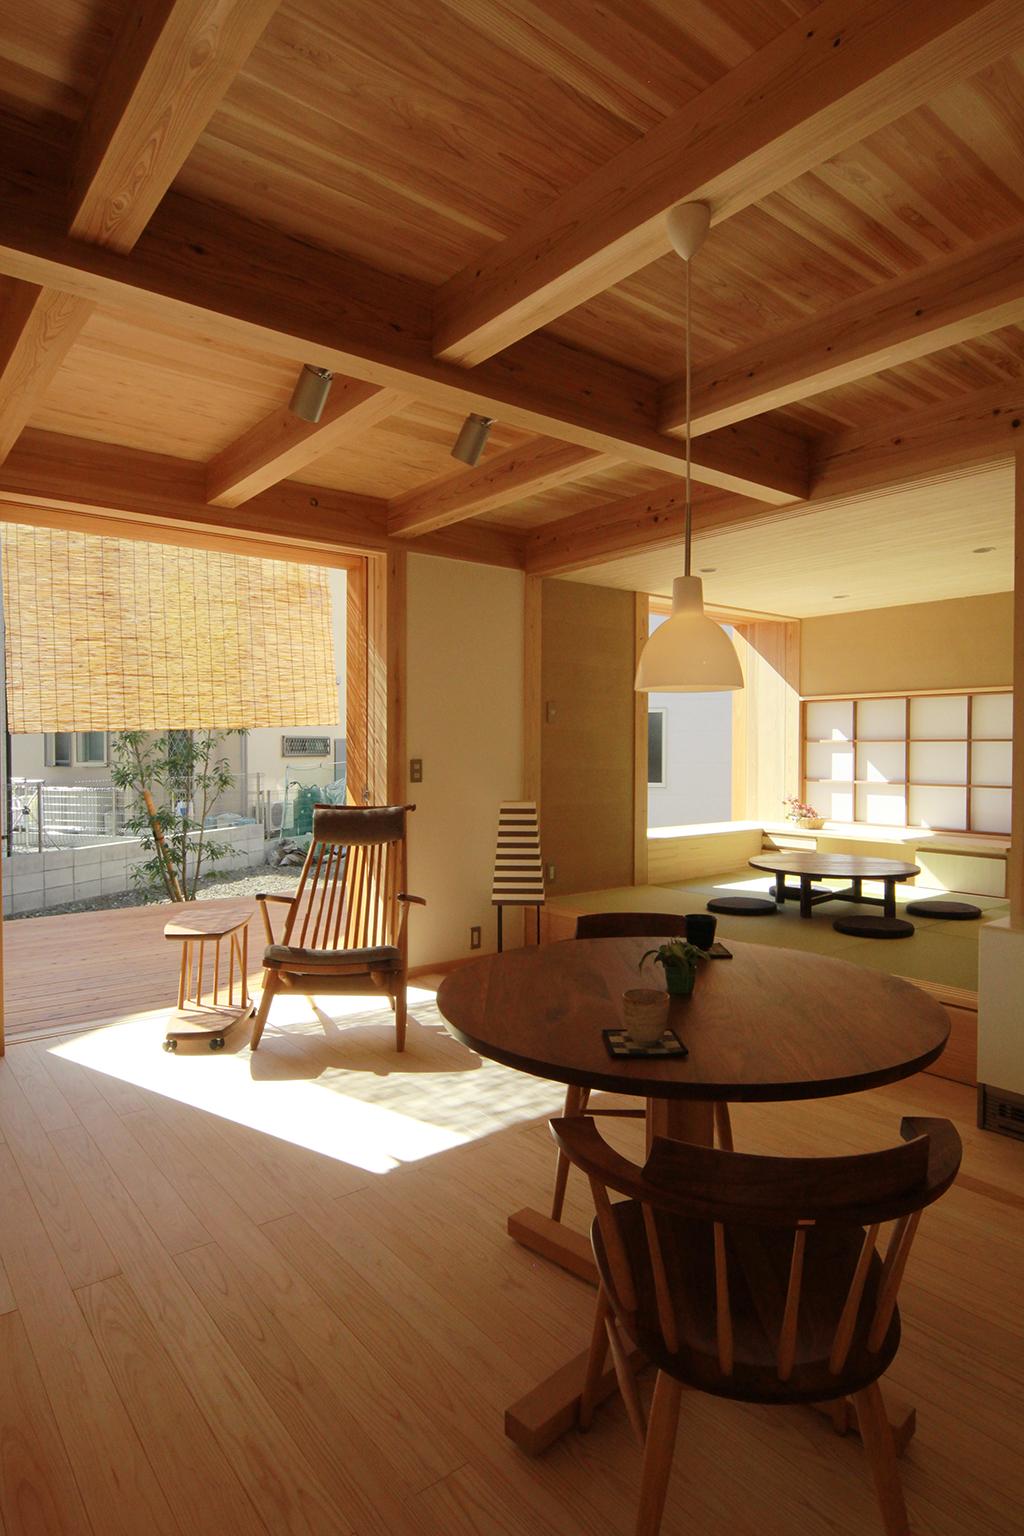 姫路市の木の家 ダイニングから1階を見る